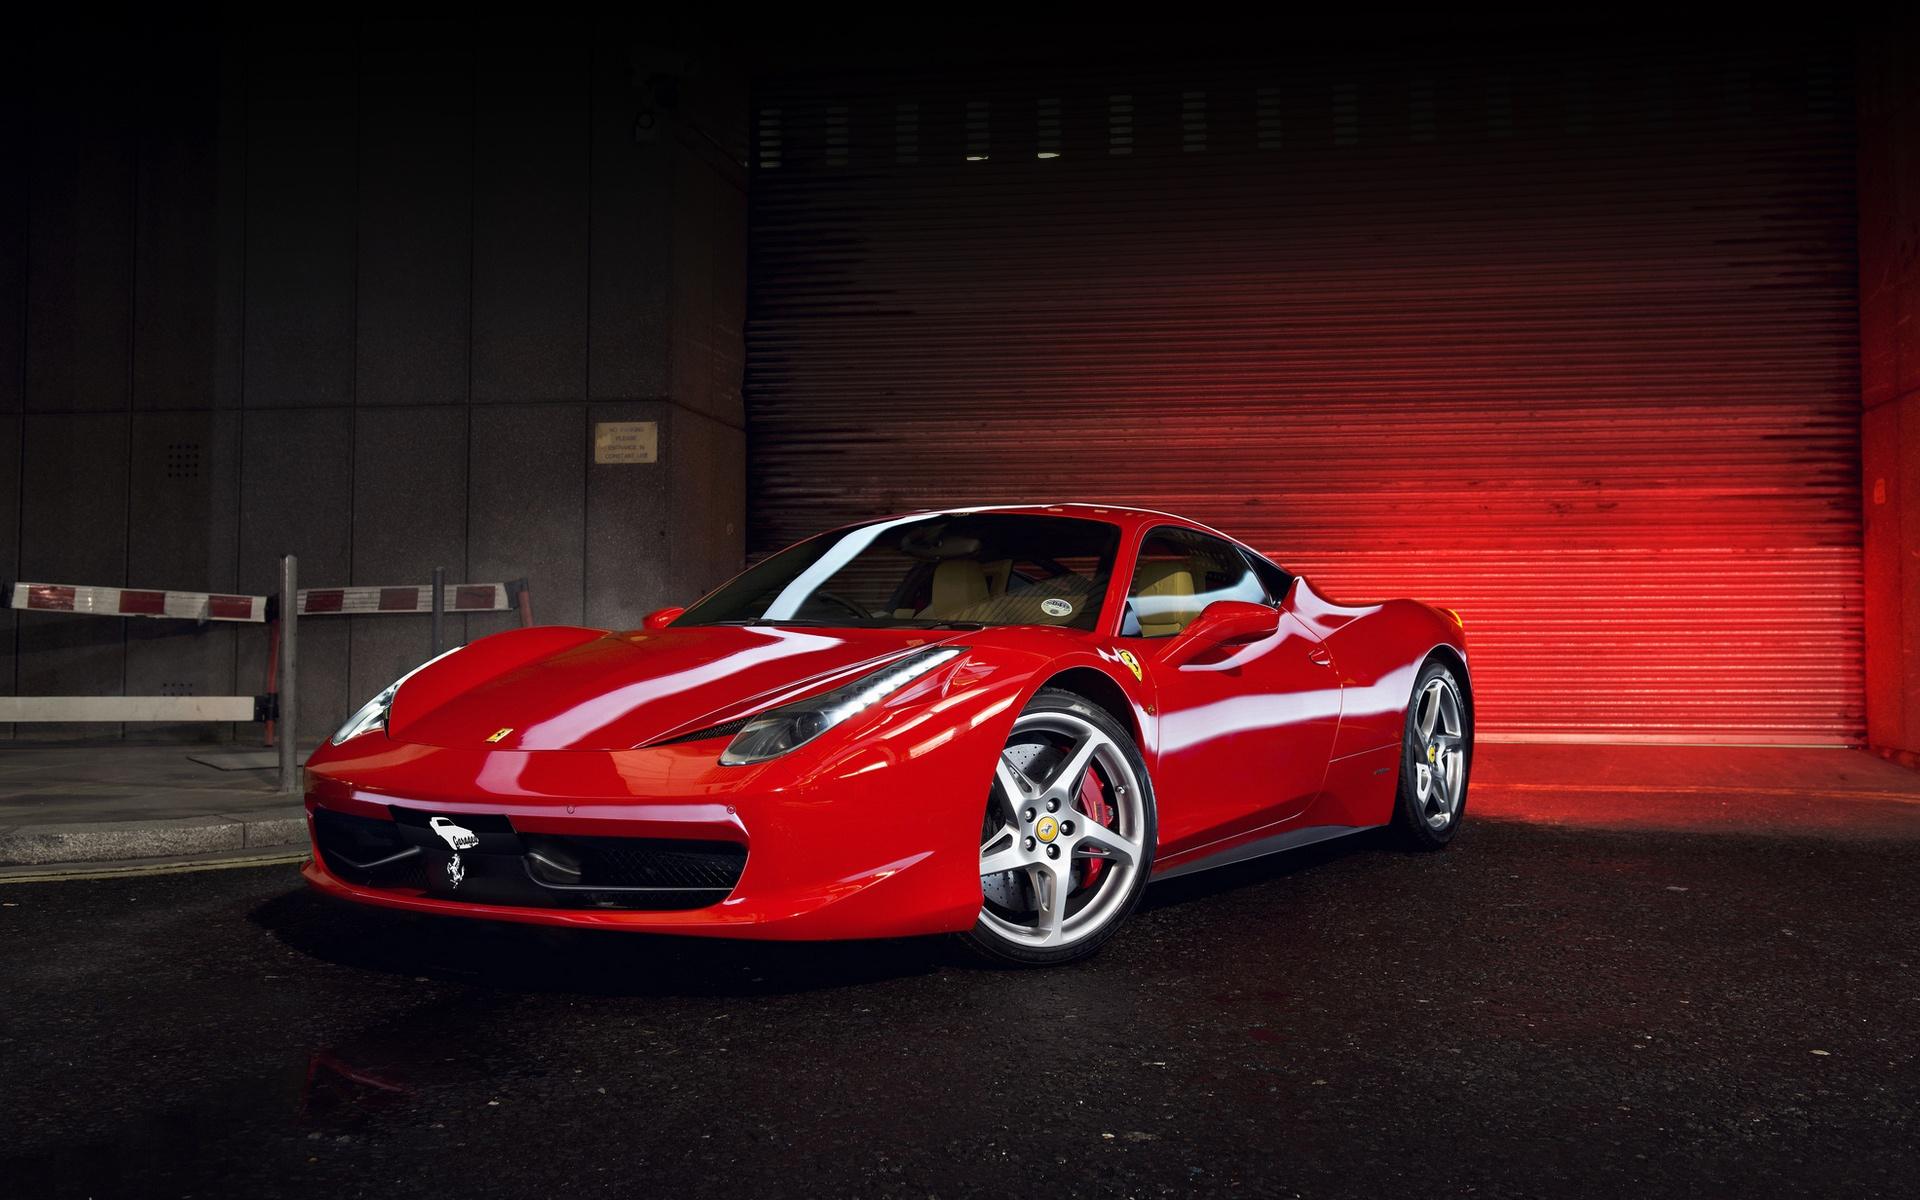 Wallpaper Ferrari 458 Italia Red Supercar Side View 1920x1200 Hd Picture Image